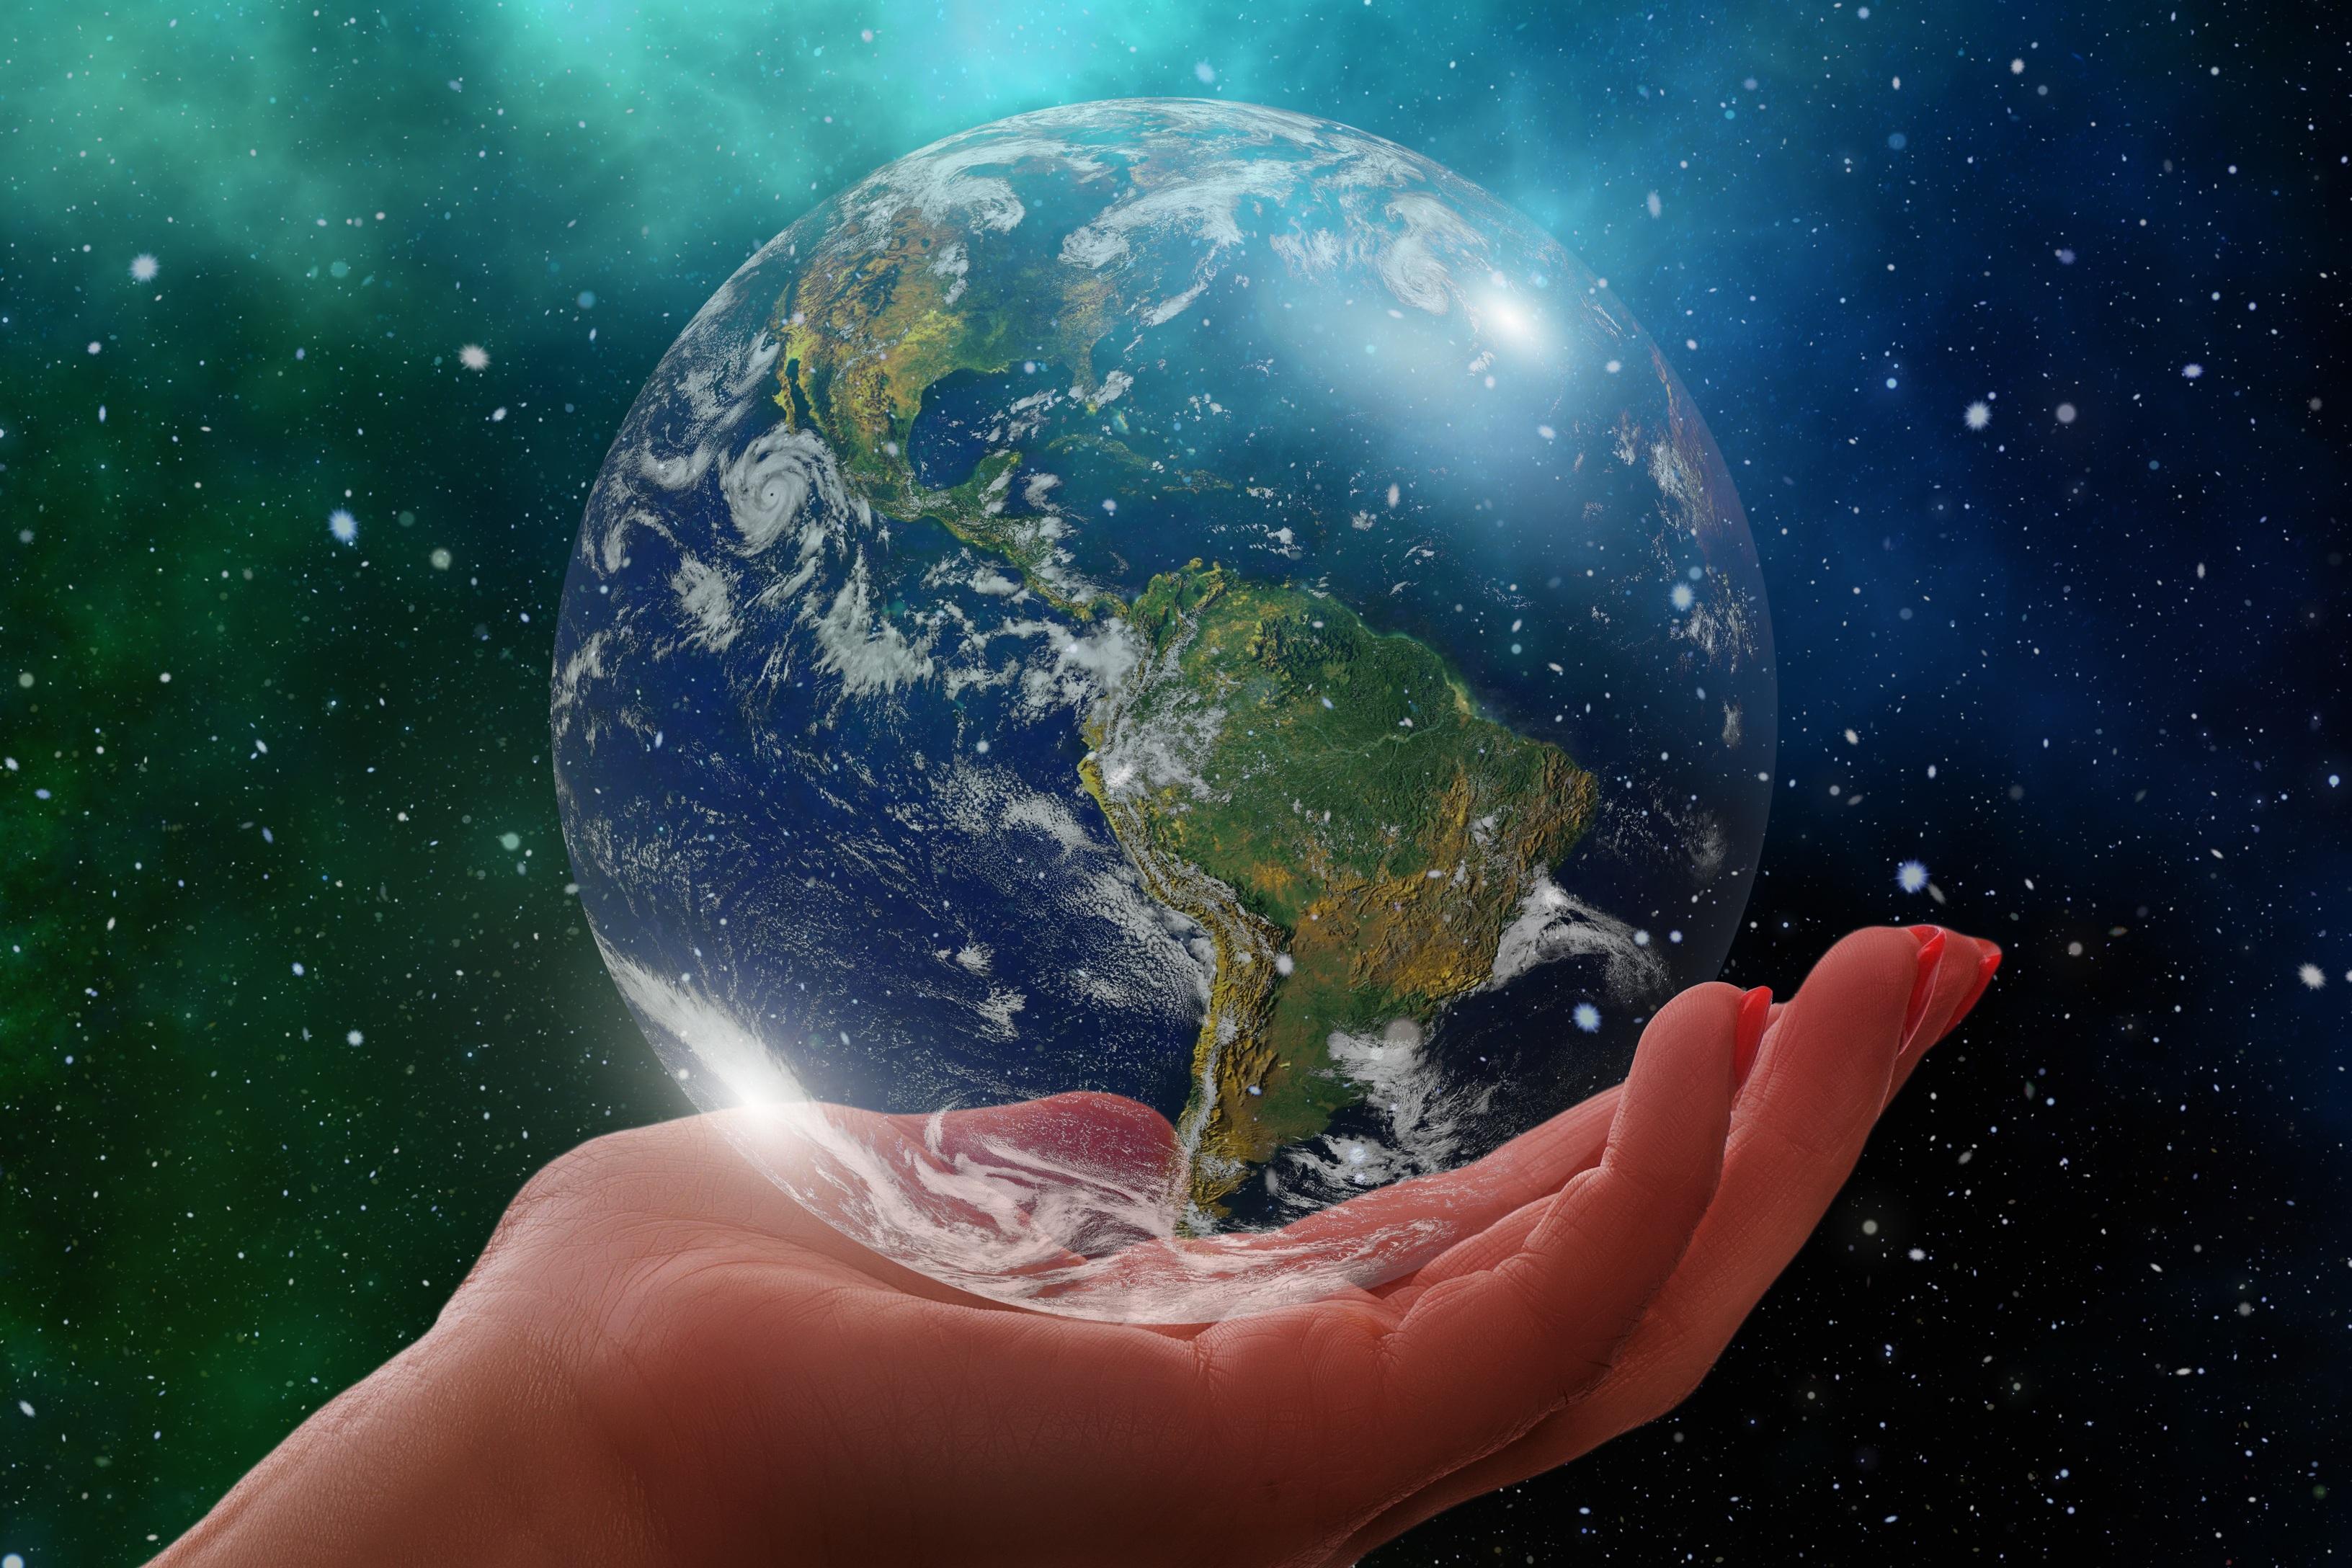 Картинки земли Планеты глобусом South America рука вблизи 3264x2176 Земля планета Глобус глобусы Руки Крупным планом